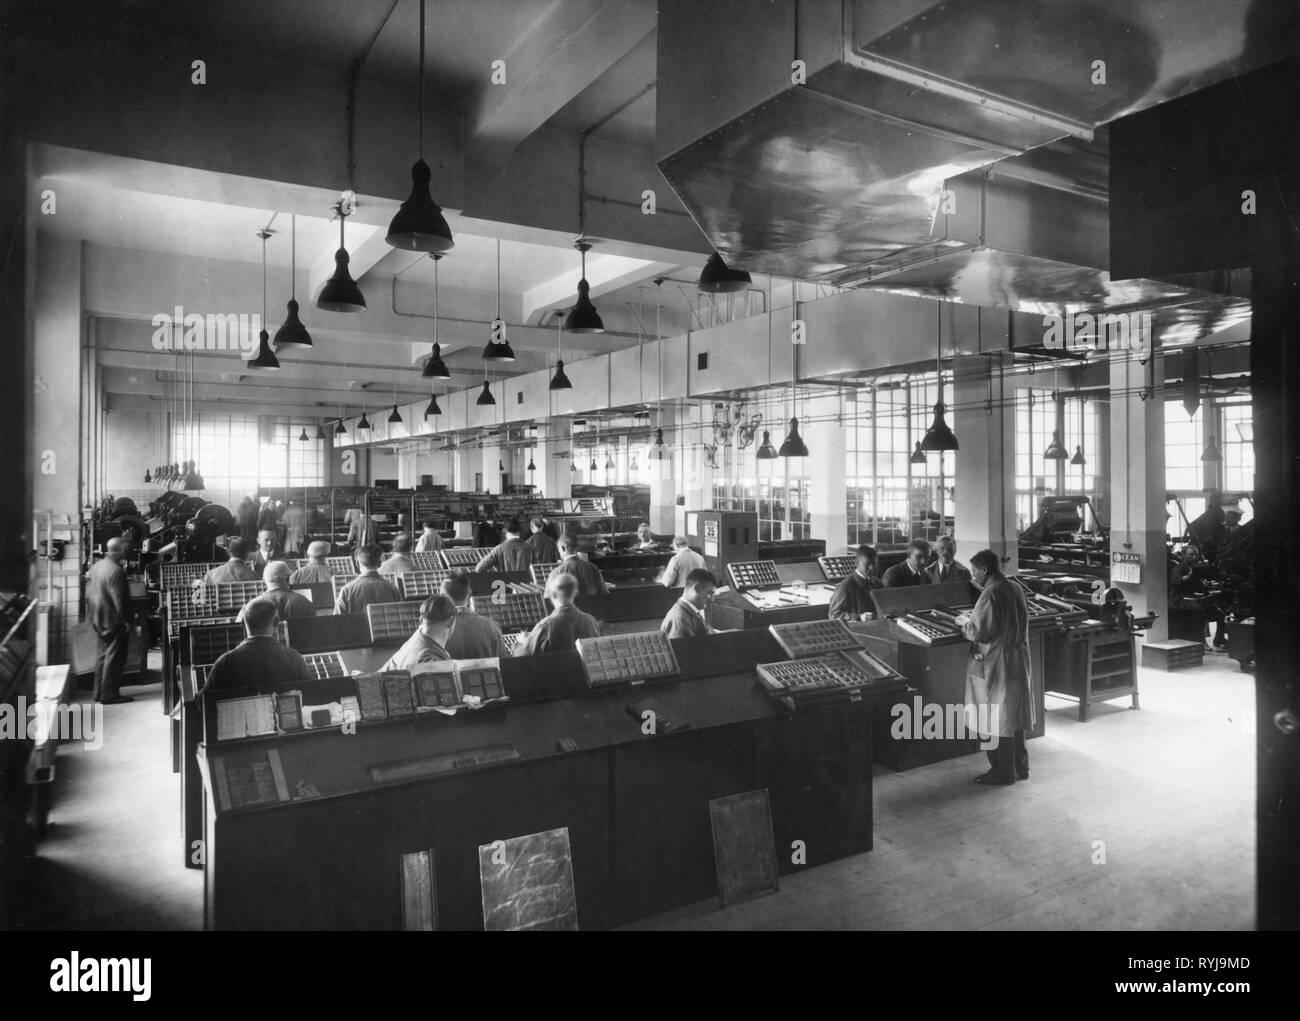 Industrie, Drucken, Setzer bei der Arbeit, 1930er Jahre, Additional-Rights - Clearance-Info - Not-Available Stockbild